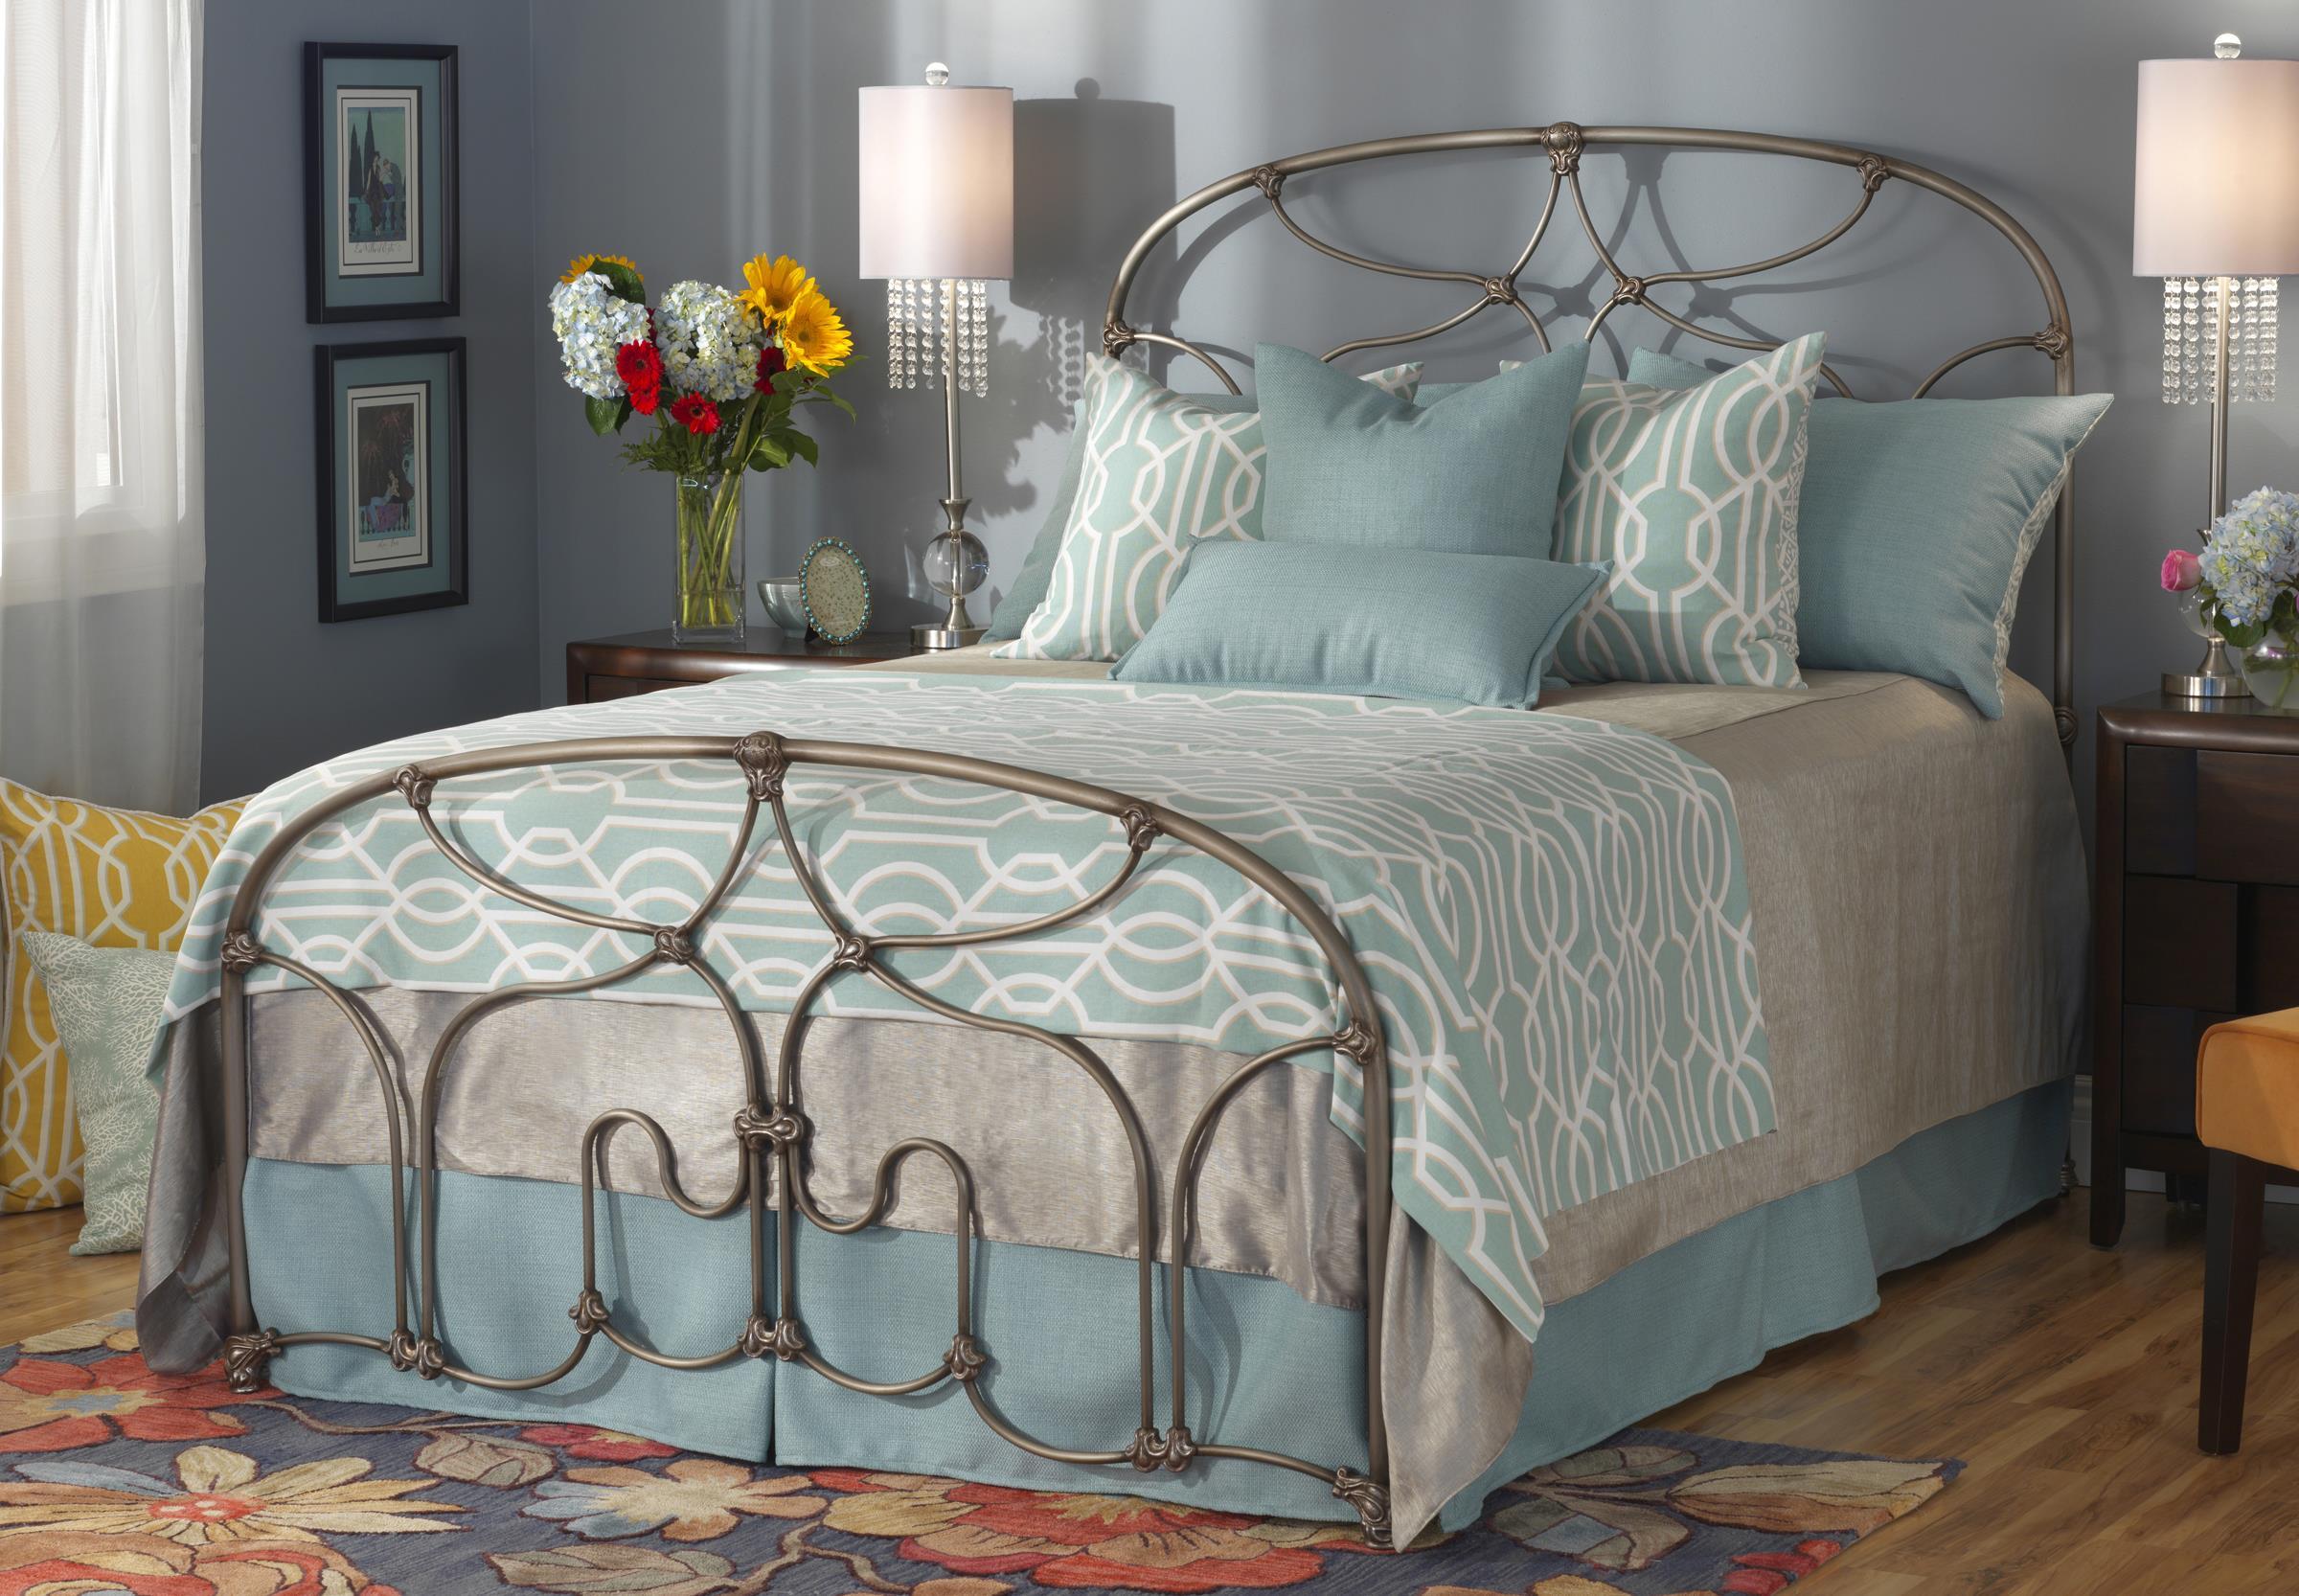 wesley allen iron beds queen lafayette metal bed